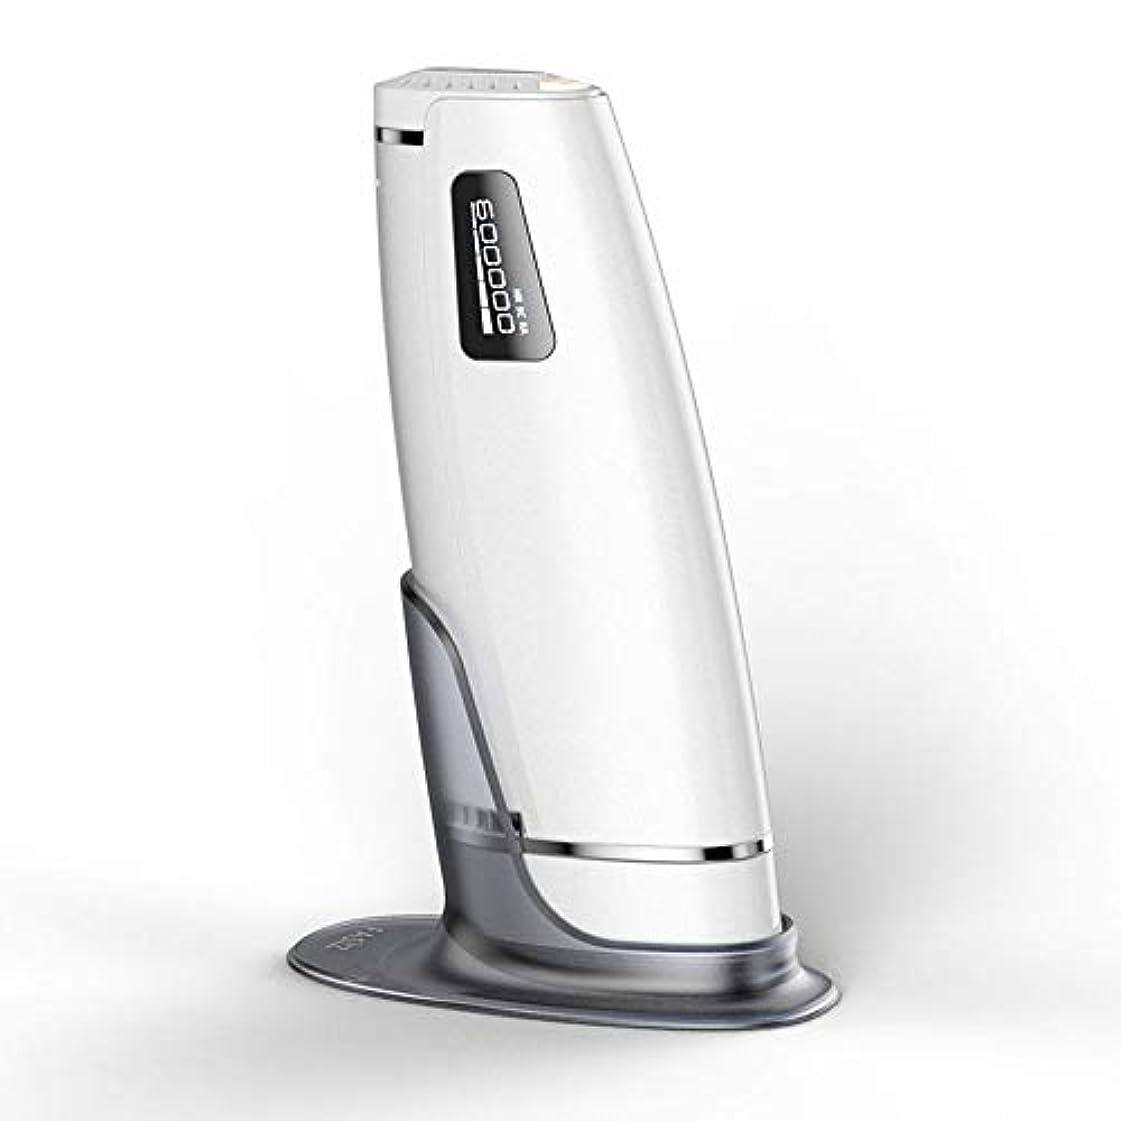 失シェル契約したIku夫 家庭用自動痛みのない毛の除去剤、白、携帯用永久的な毛の除去剤、二重モード、5つの速度調節、サイズ20.5 X 4.5 X 7 Cm